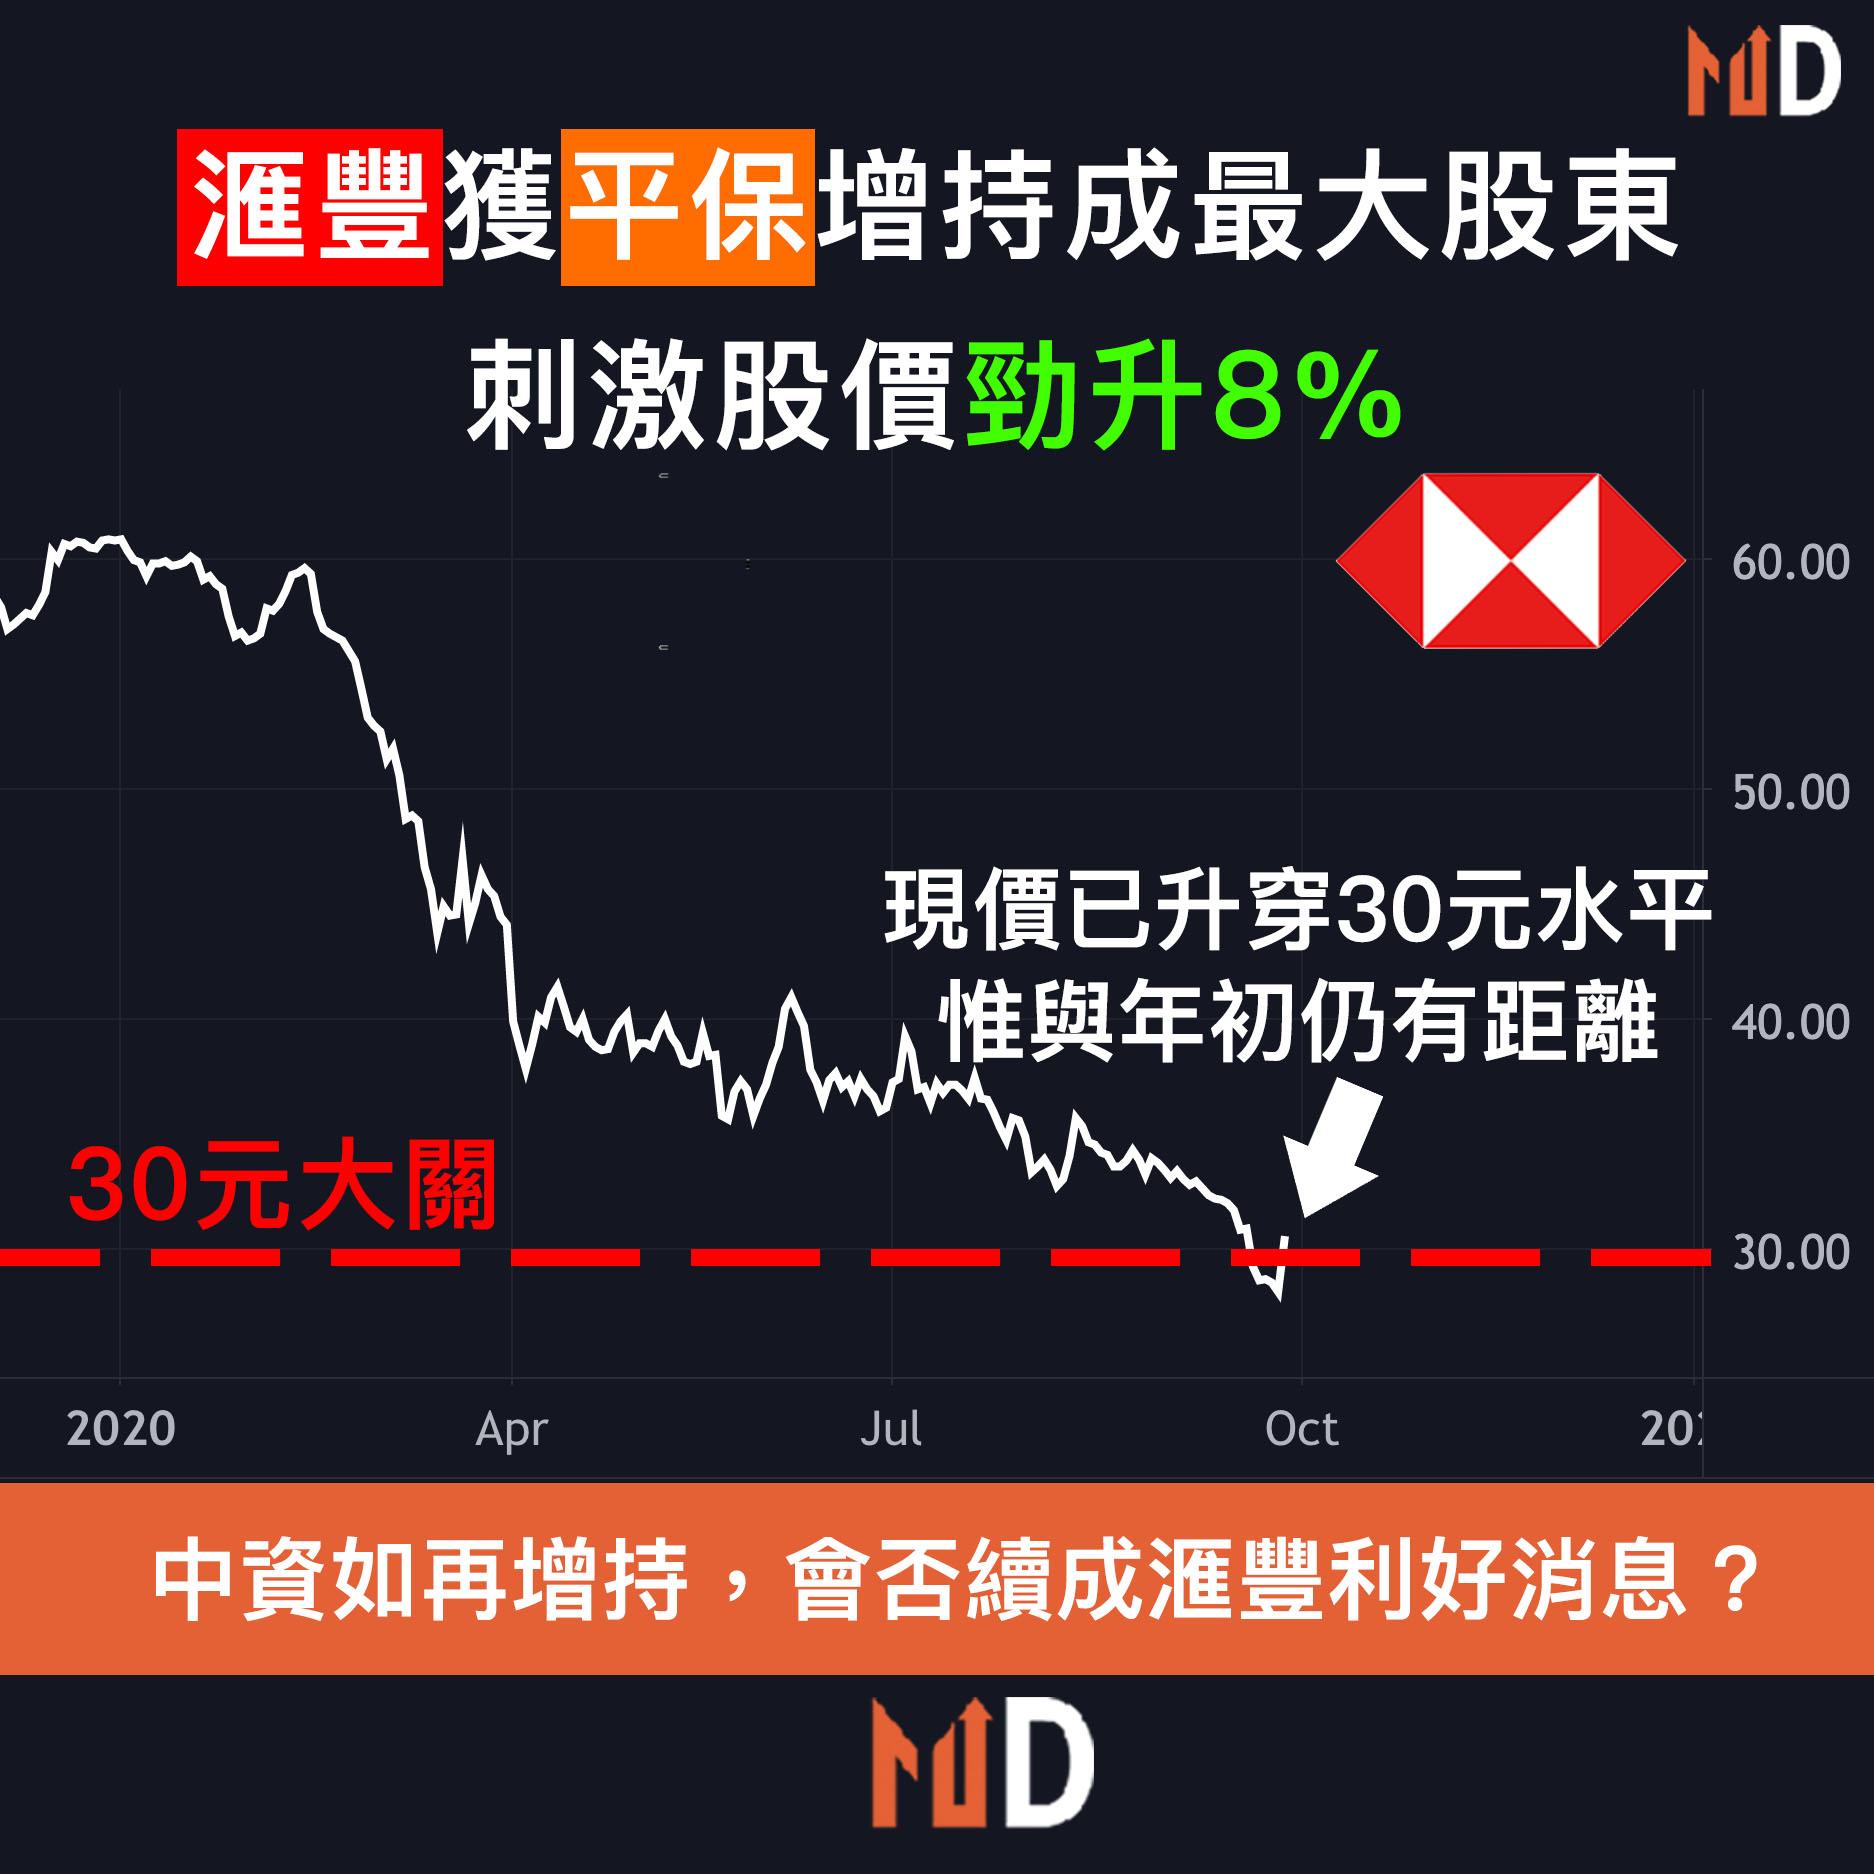 【平保加持】滙豐獲平保增持成最大股東,刺激股價勁升8%